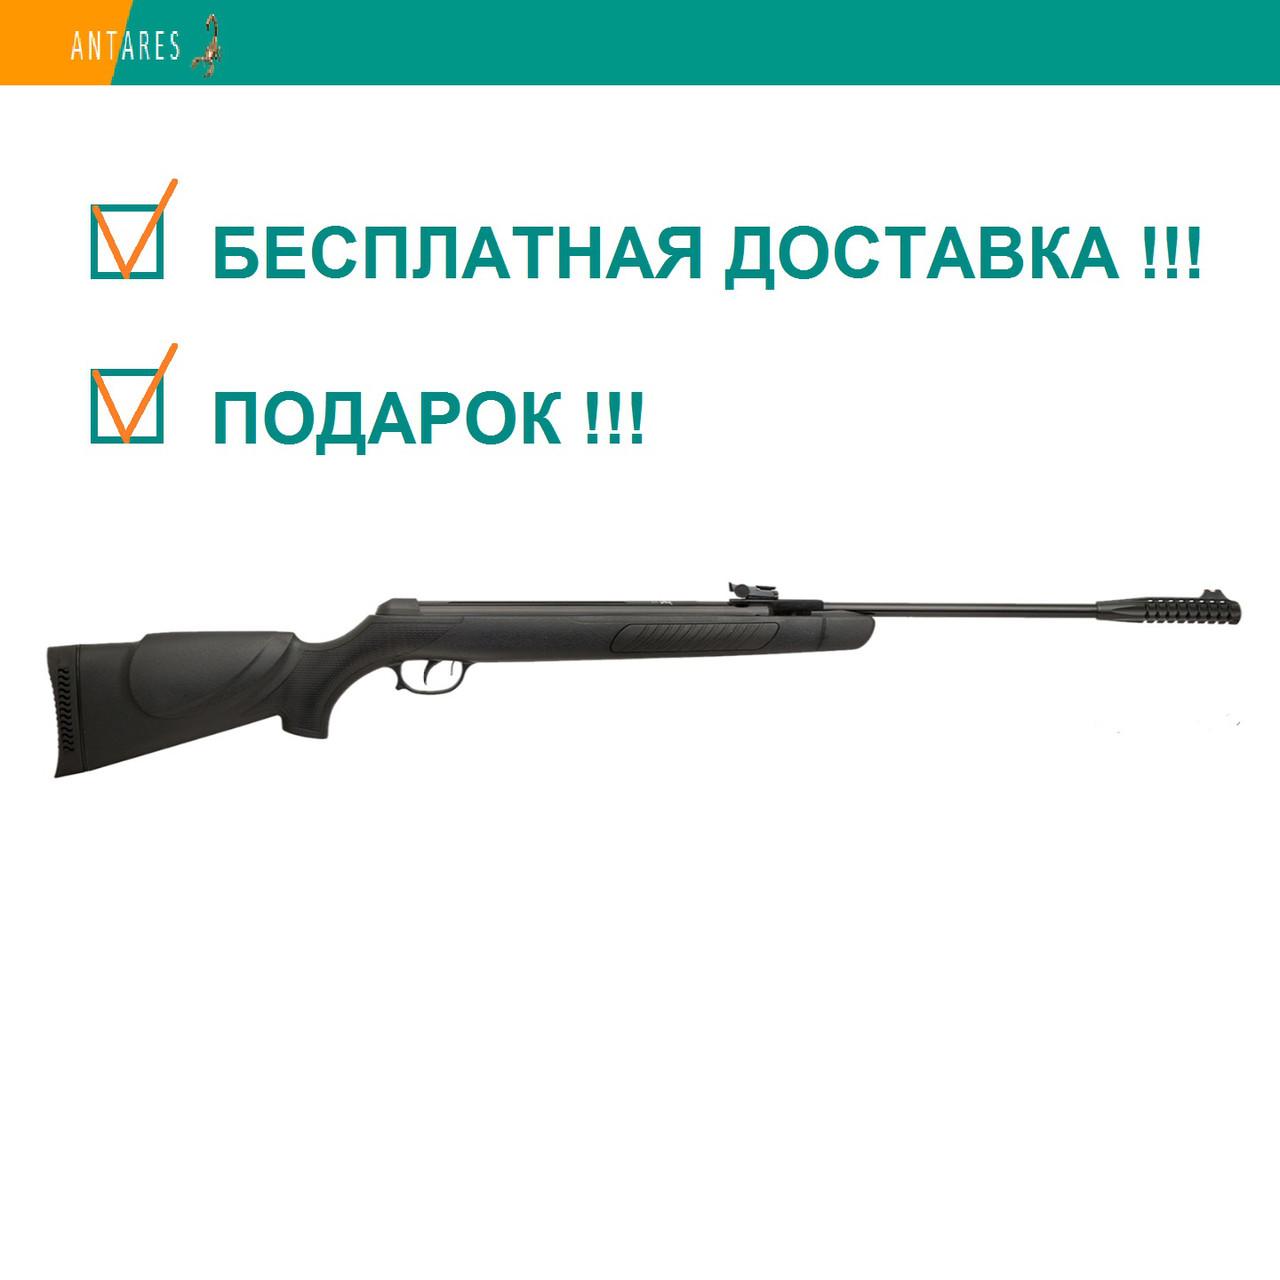 Пневматическая винтовка Kral 001 Syntetic Gas Piston (IAI-145SGP) газовая пружина перелом ствола 310 м/с